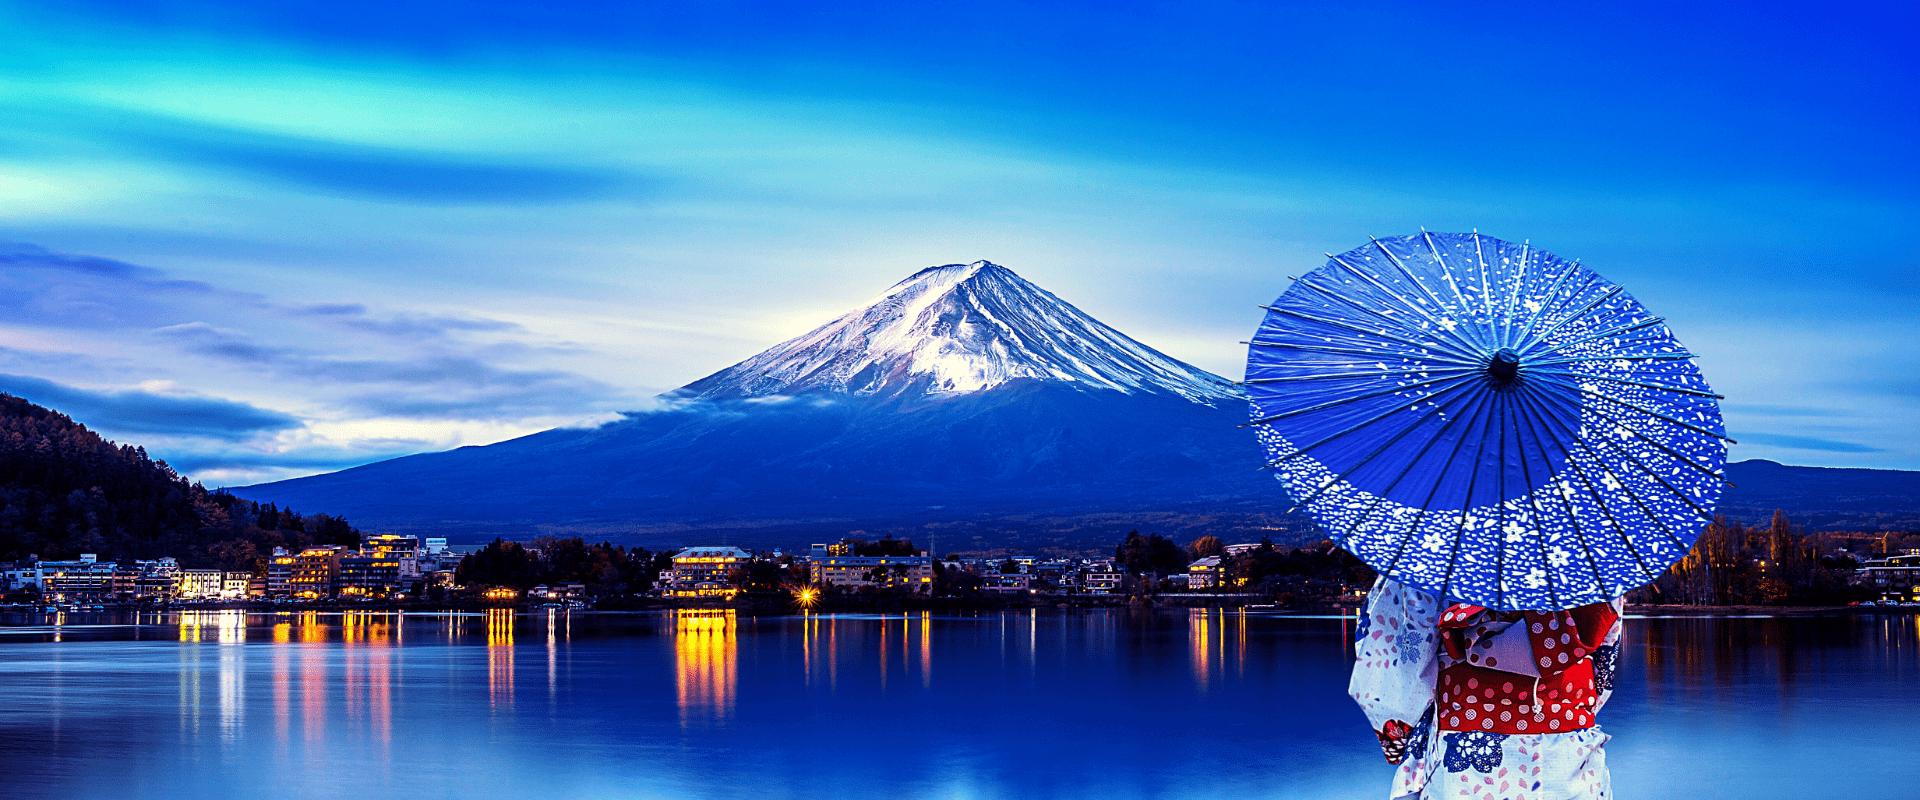 Luxury Japan Adventure